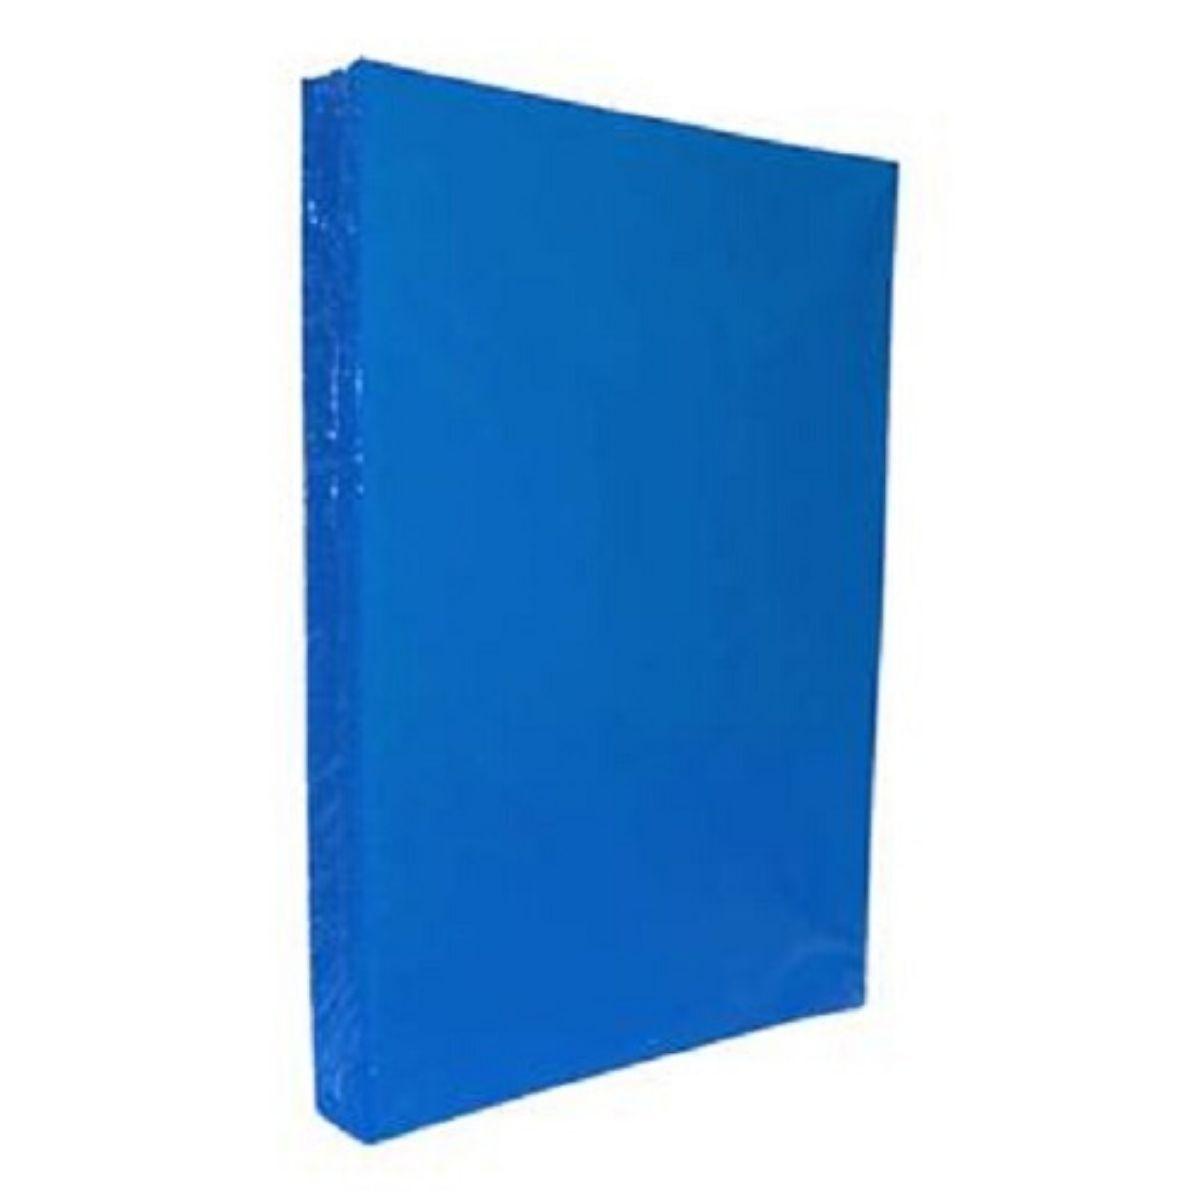 Kit 500 Capas para Encadernação PP 0,30mm A4 Azul Royal Couro (Fundo)  - Click Suprimentos